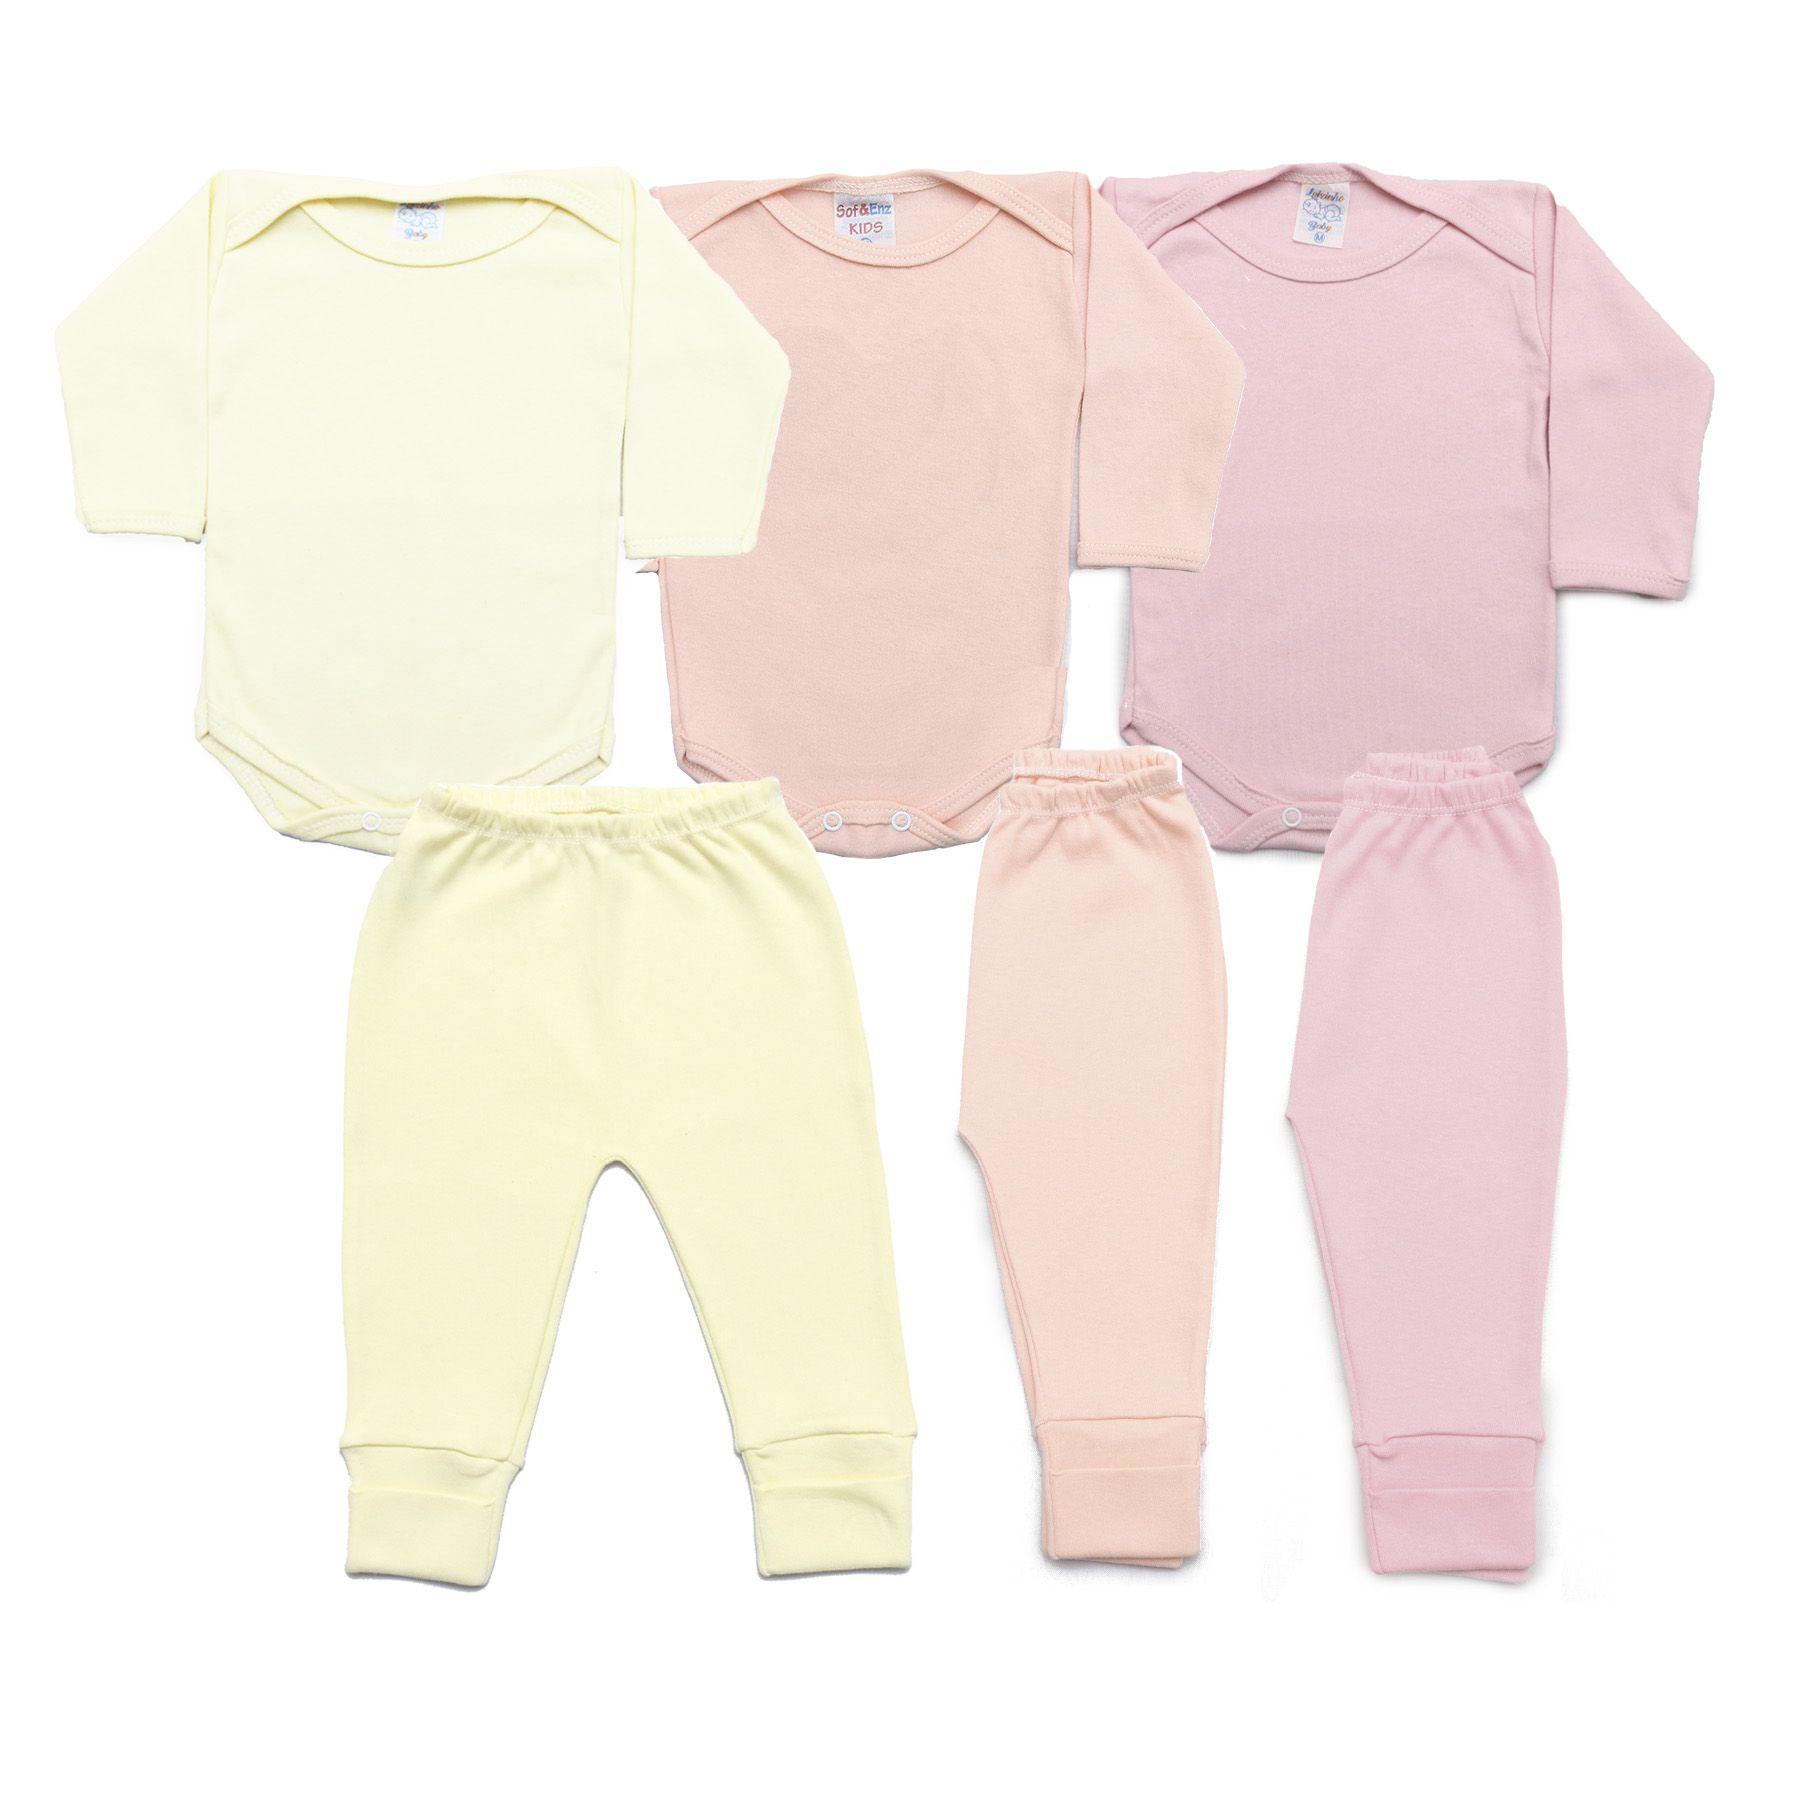 Kit Bebê com 6 Peças Menina Rosa, Rosê e Amarelo Claro